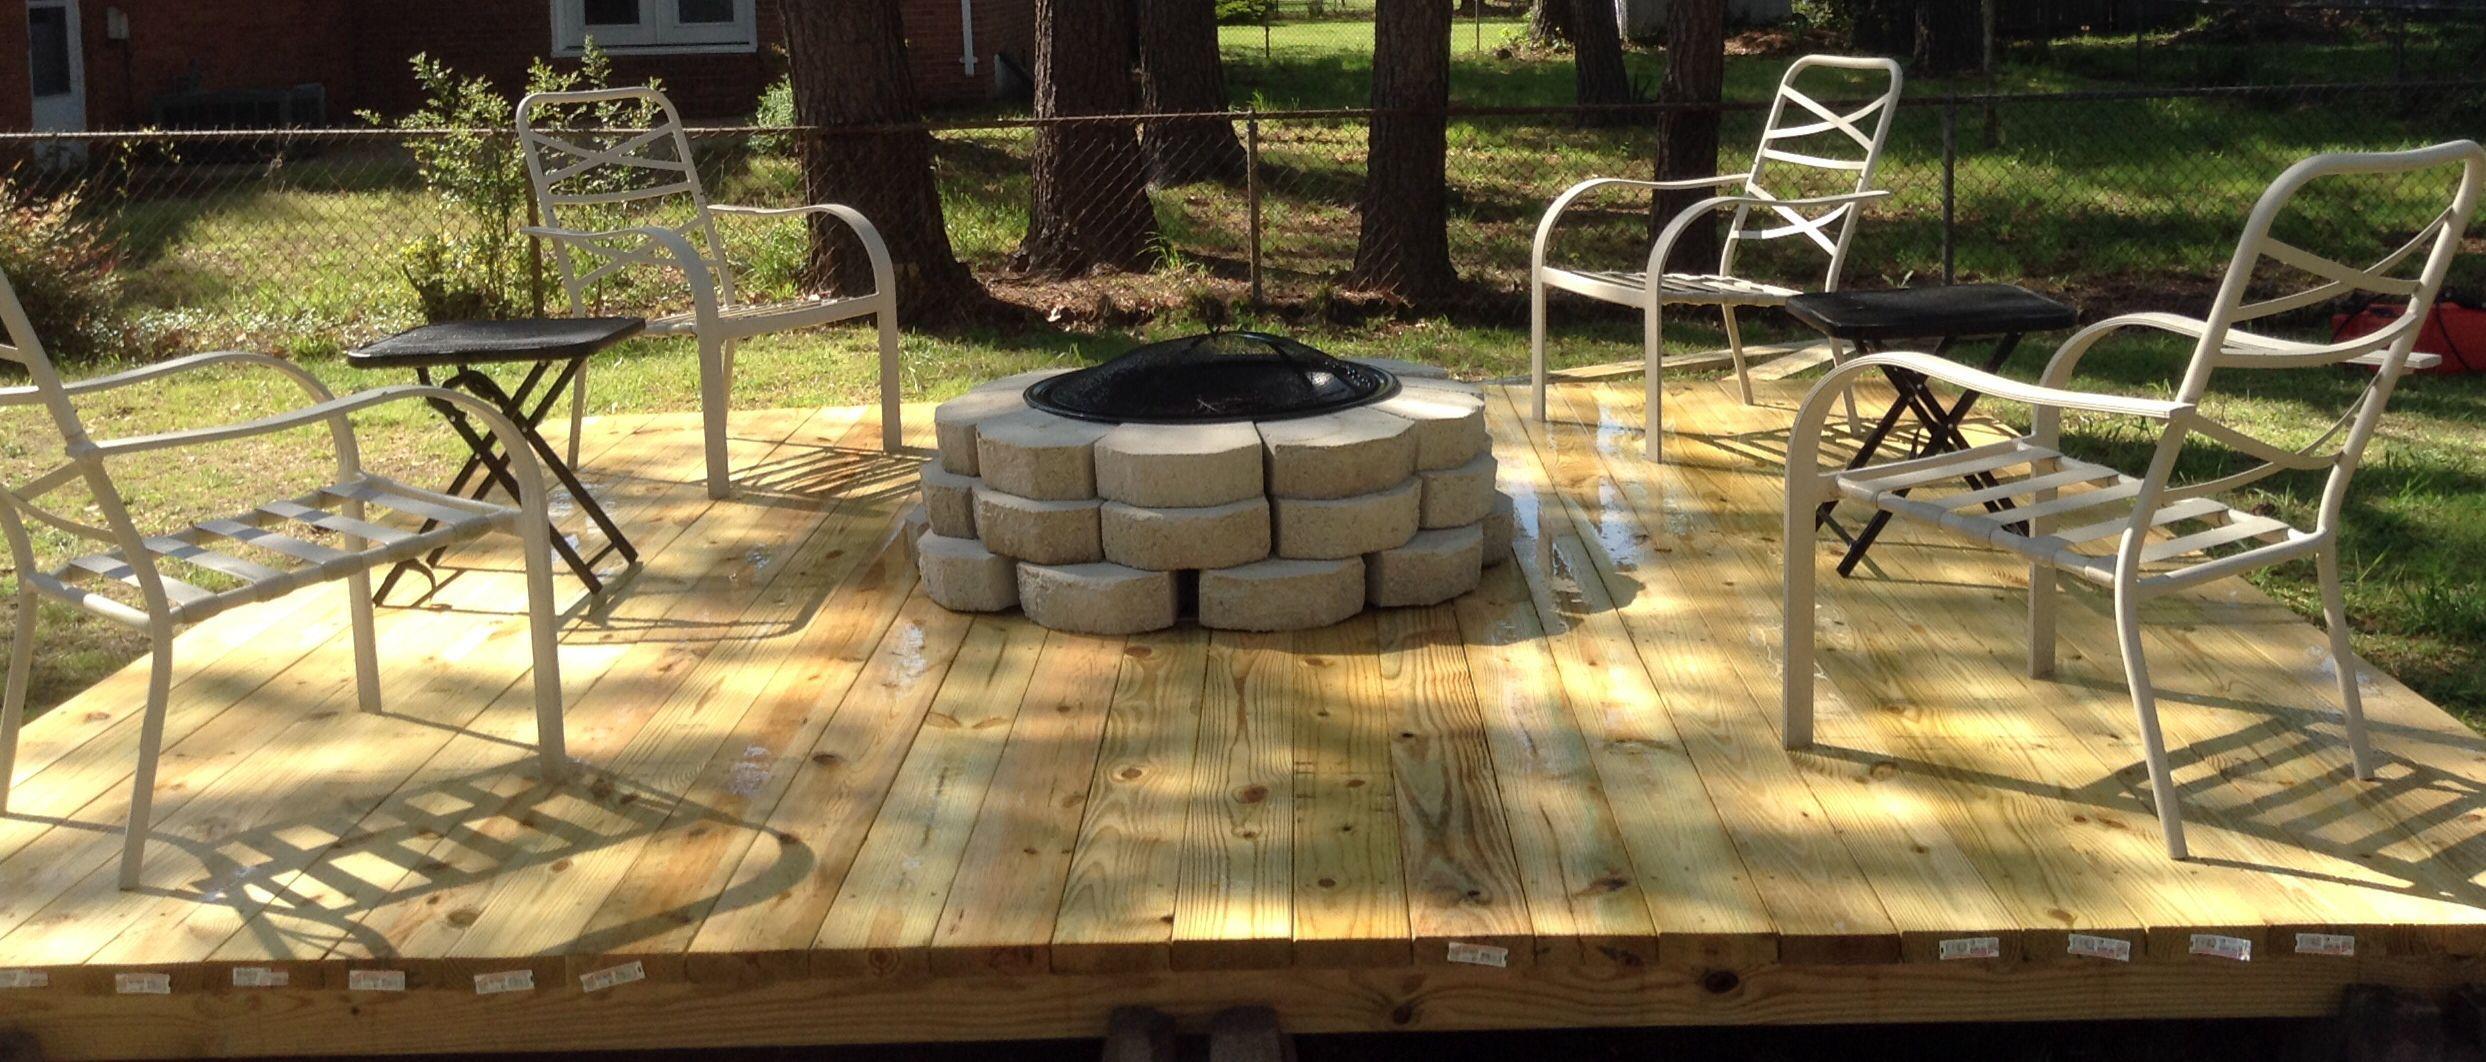 Pin By Linda Guangorena On Backyard Renos Deck Fire Pit